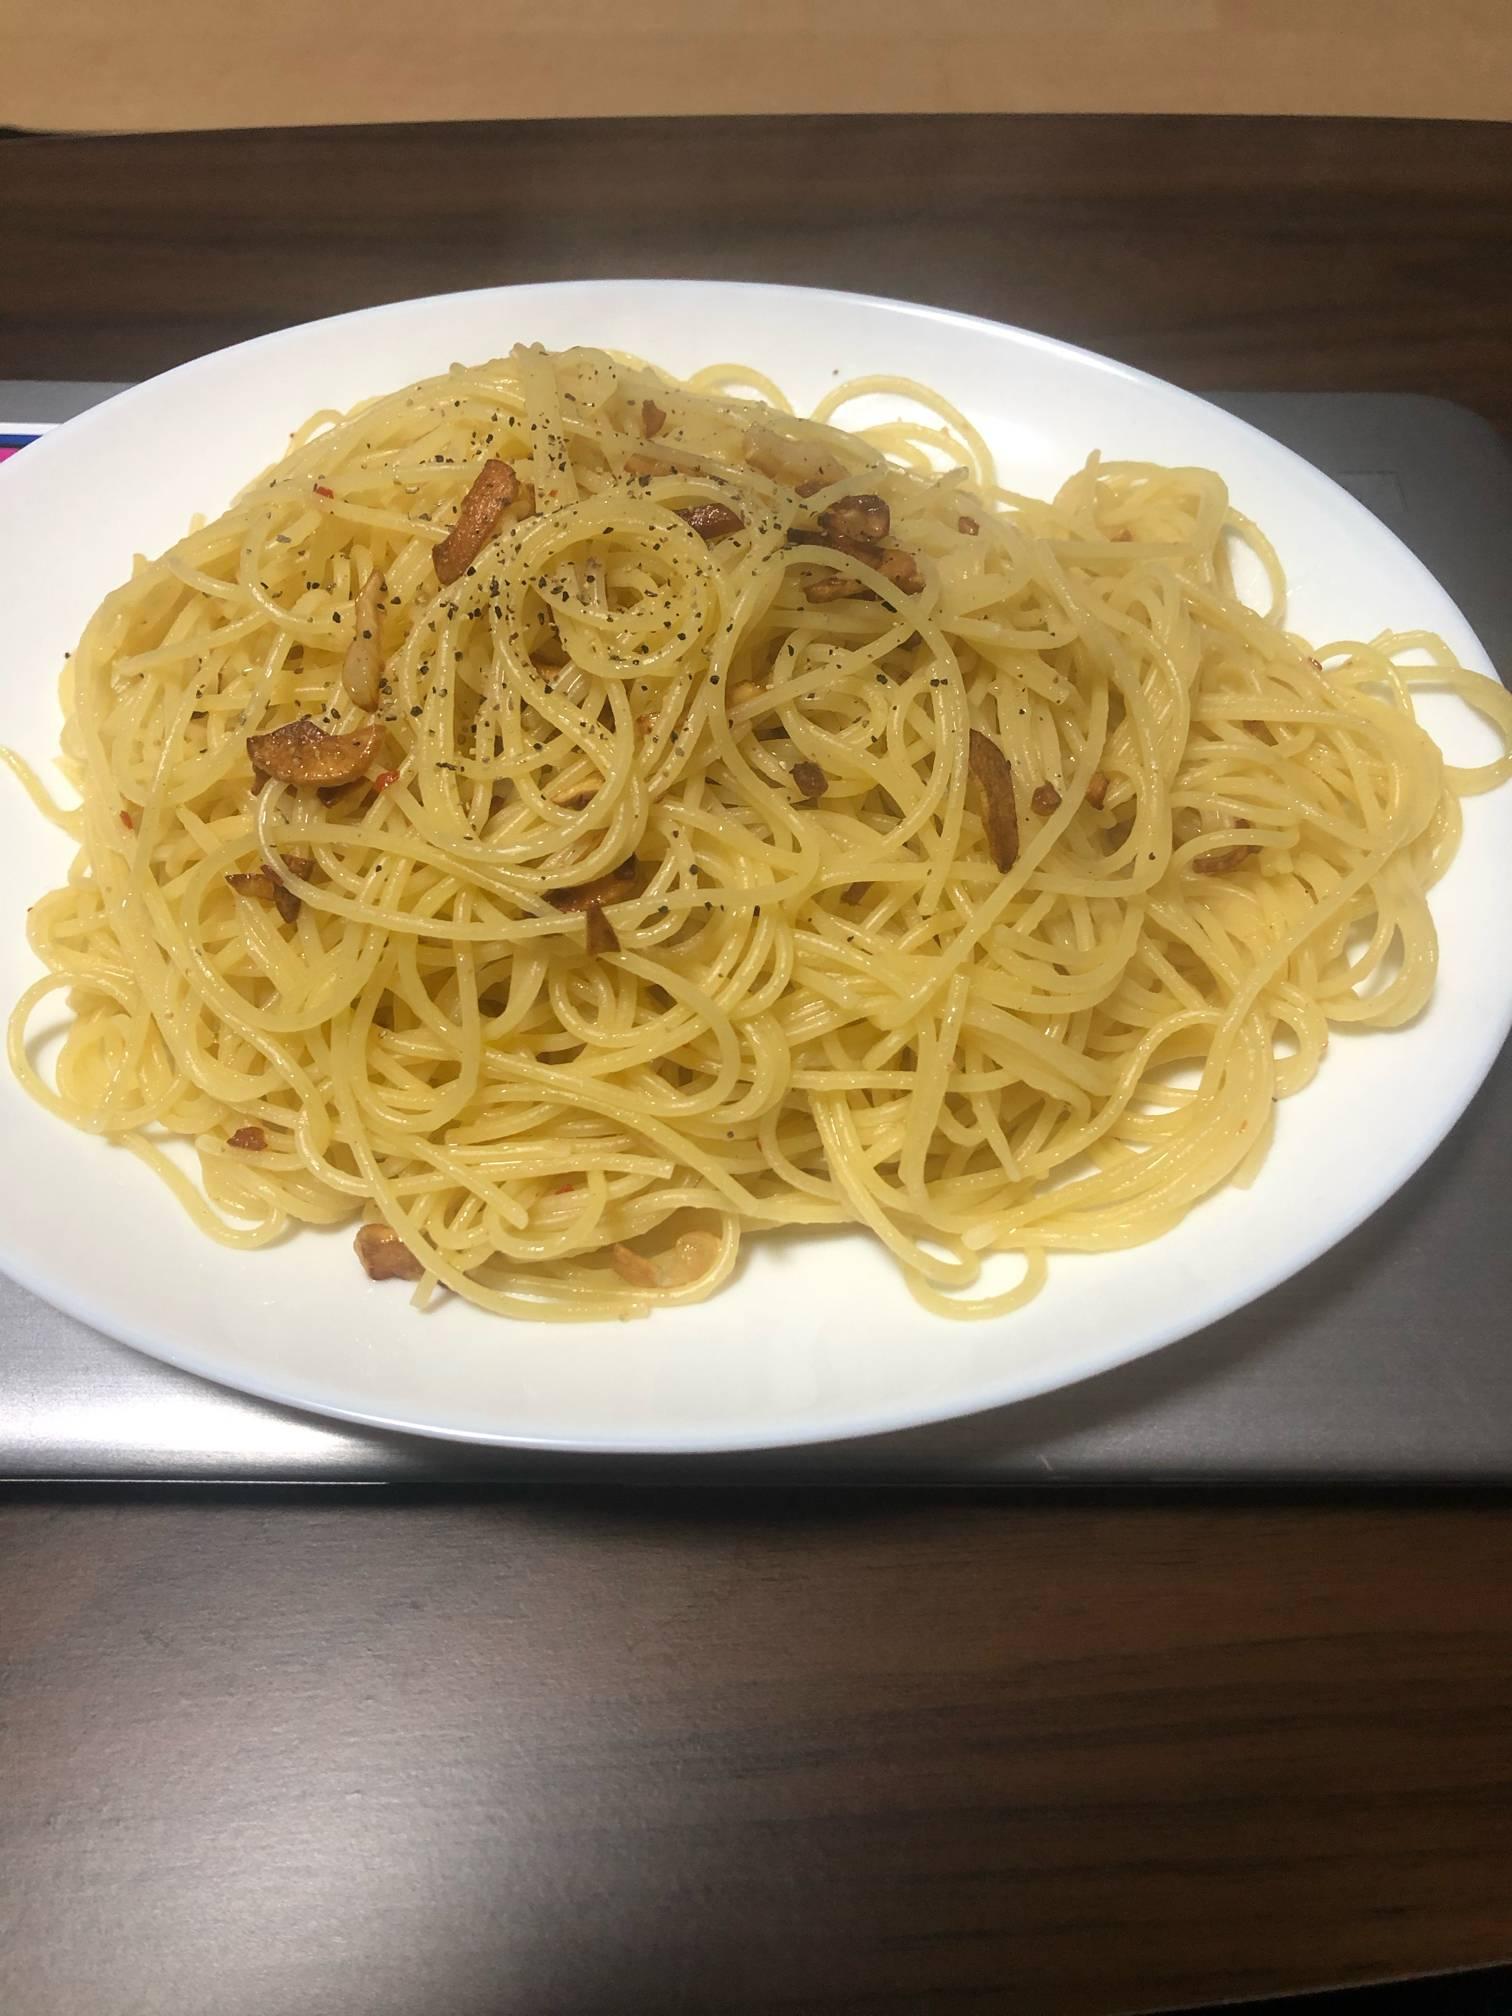 【飯報】俺の作ったペペロンチーノ美味そう